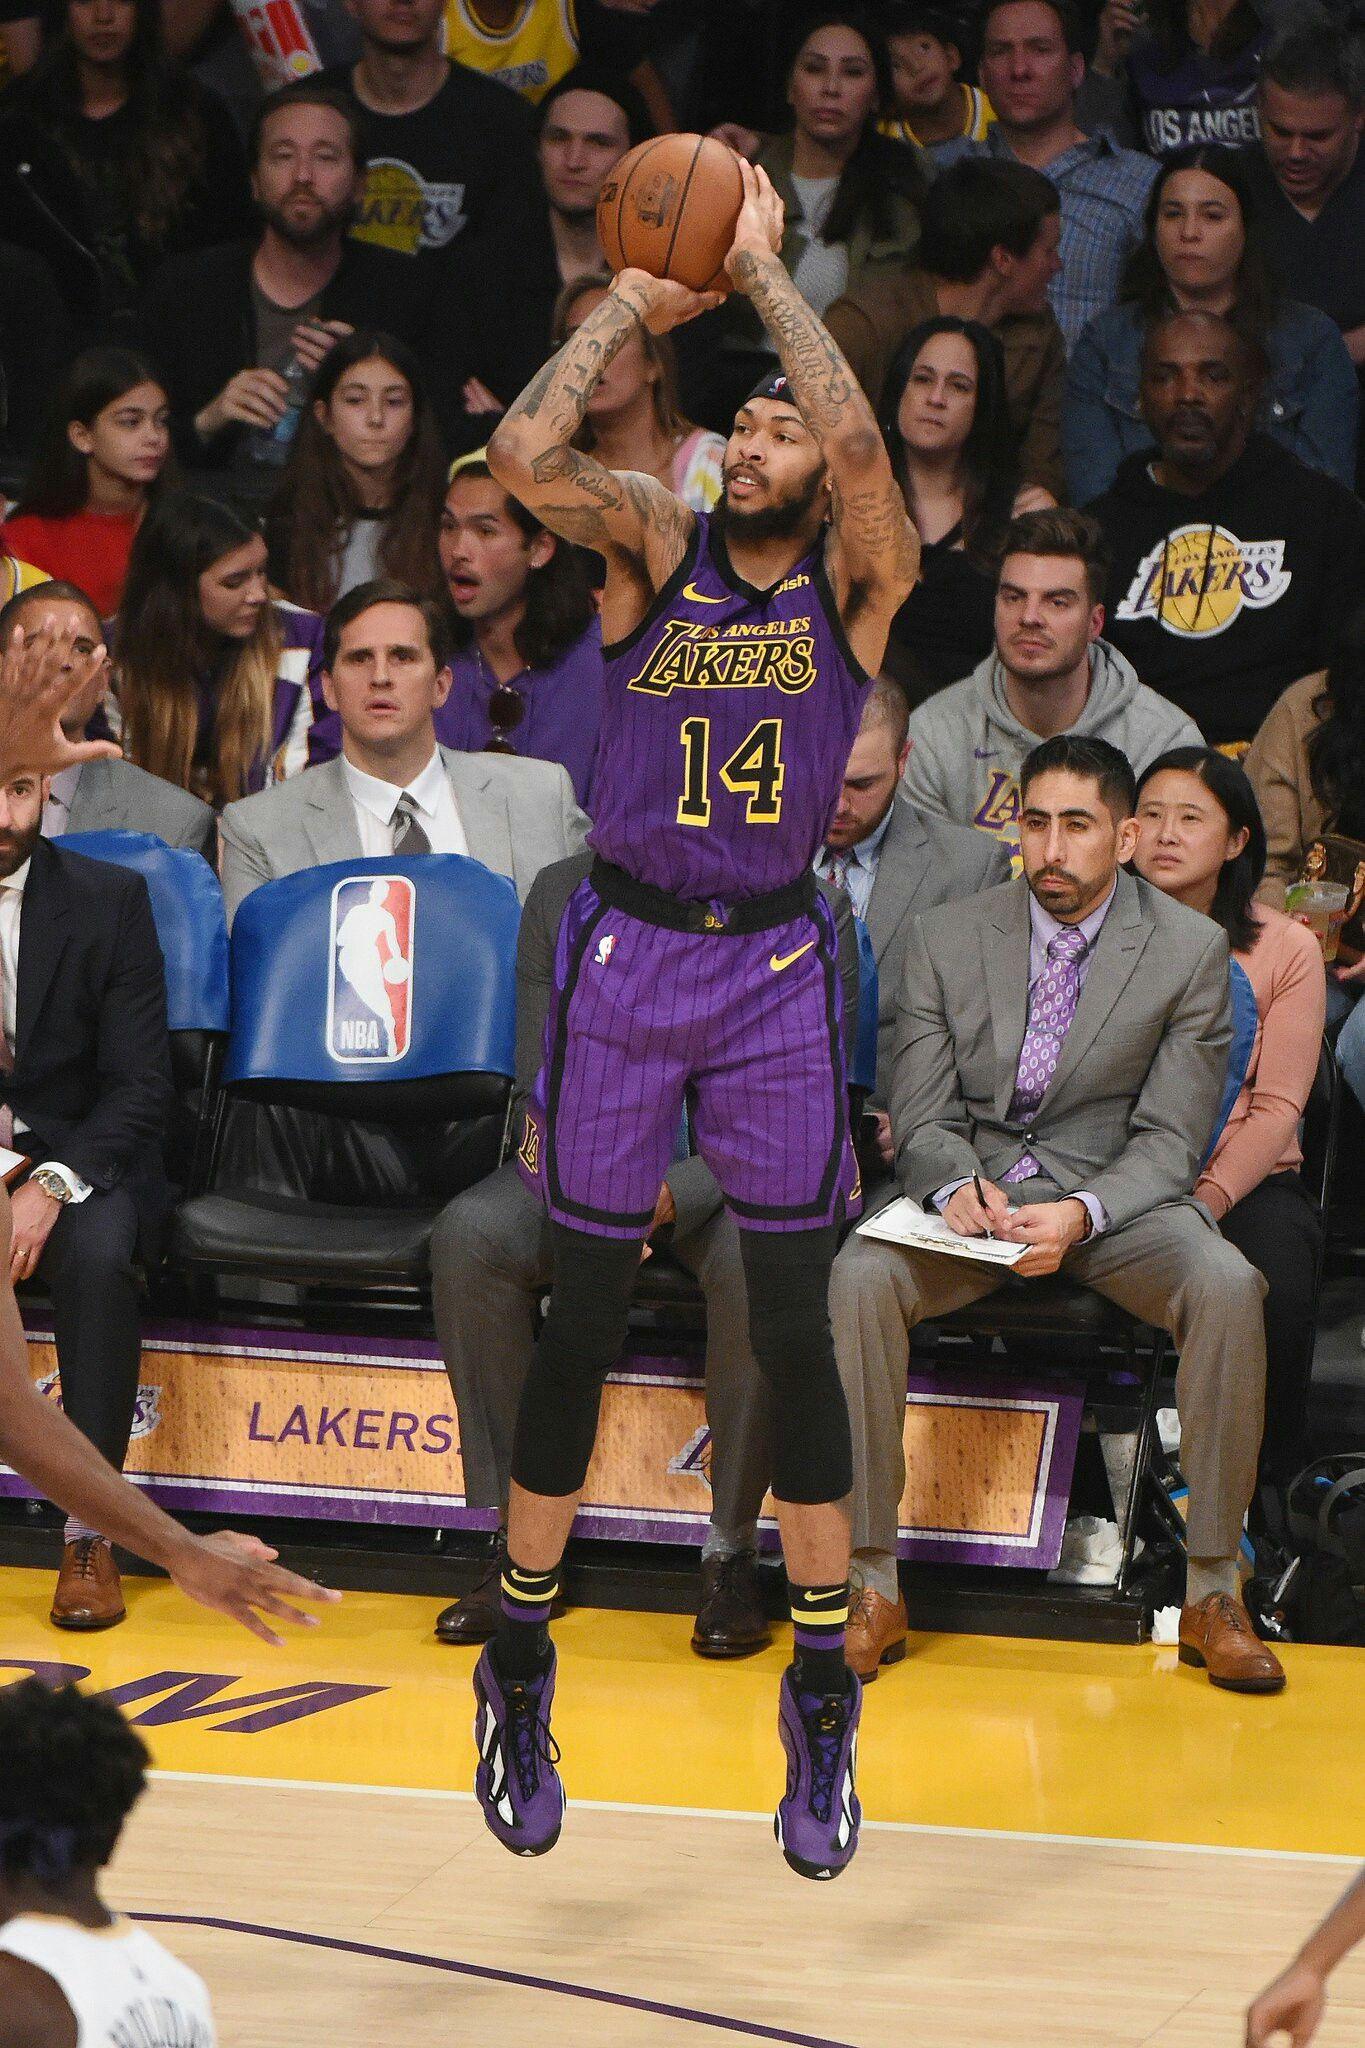 Pin by Shawn Gordon on NBA LAL Brandon ingram Nba basketball 1365x2048